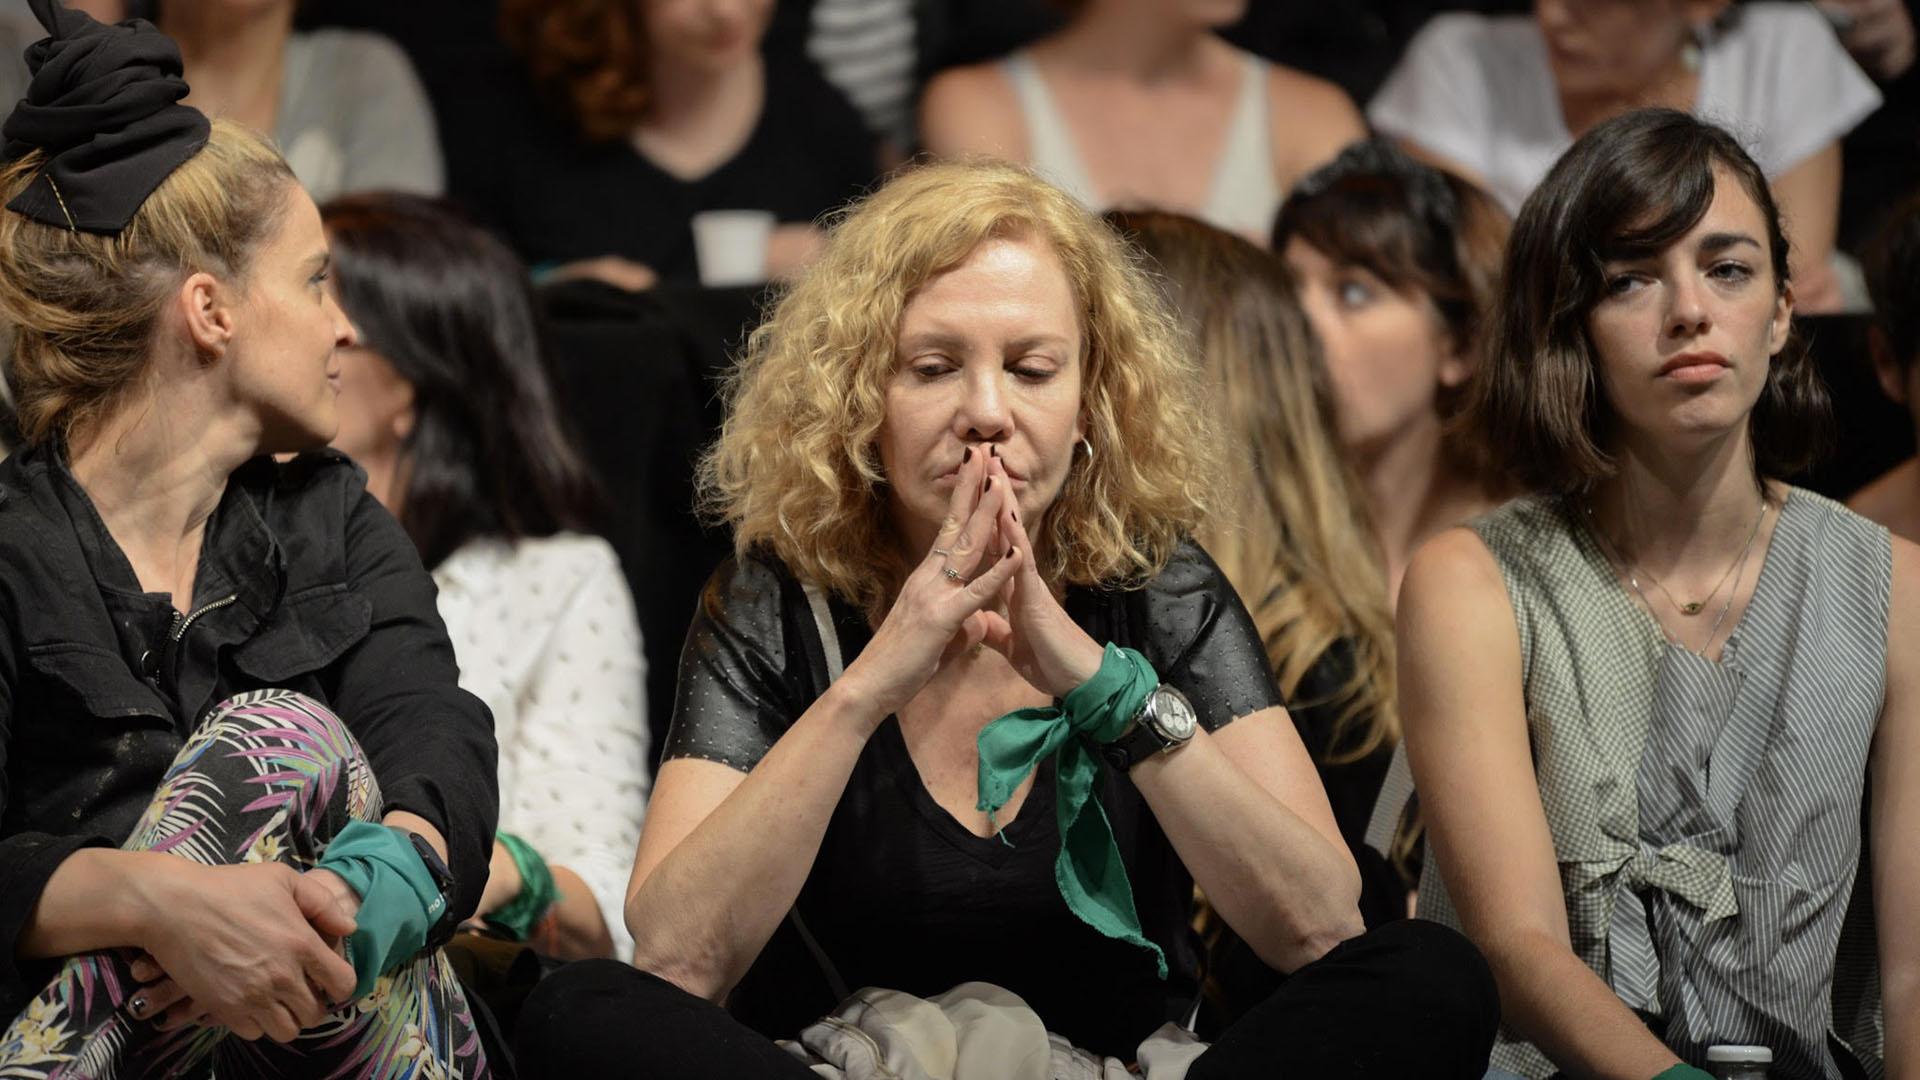 En primera fila y con el pañuelo verde atado, también se hizo presente Cecilia Roth